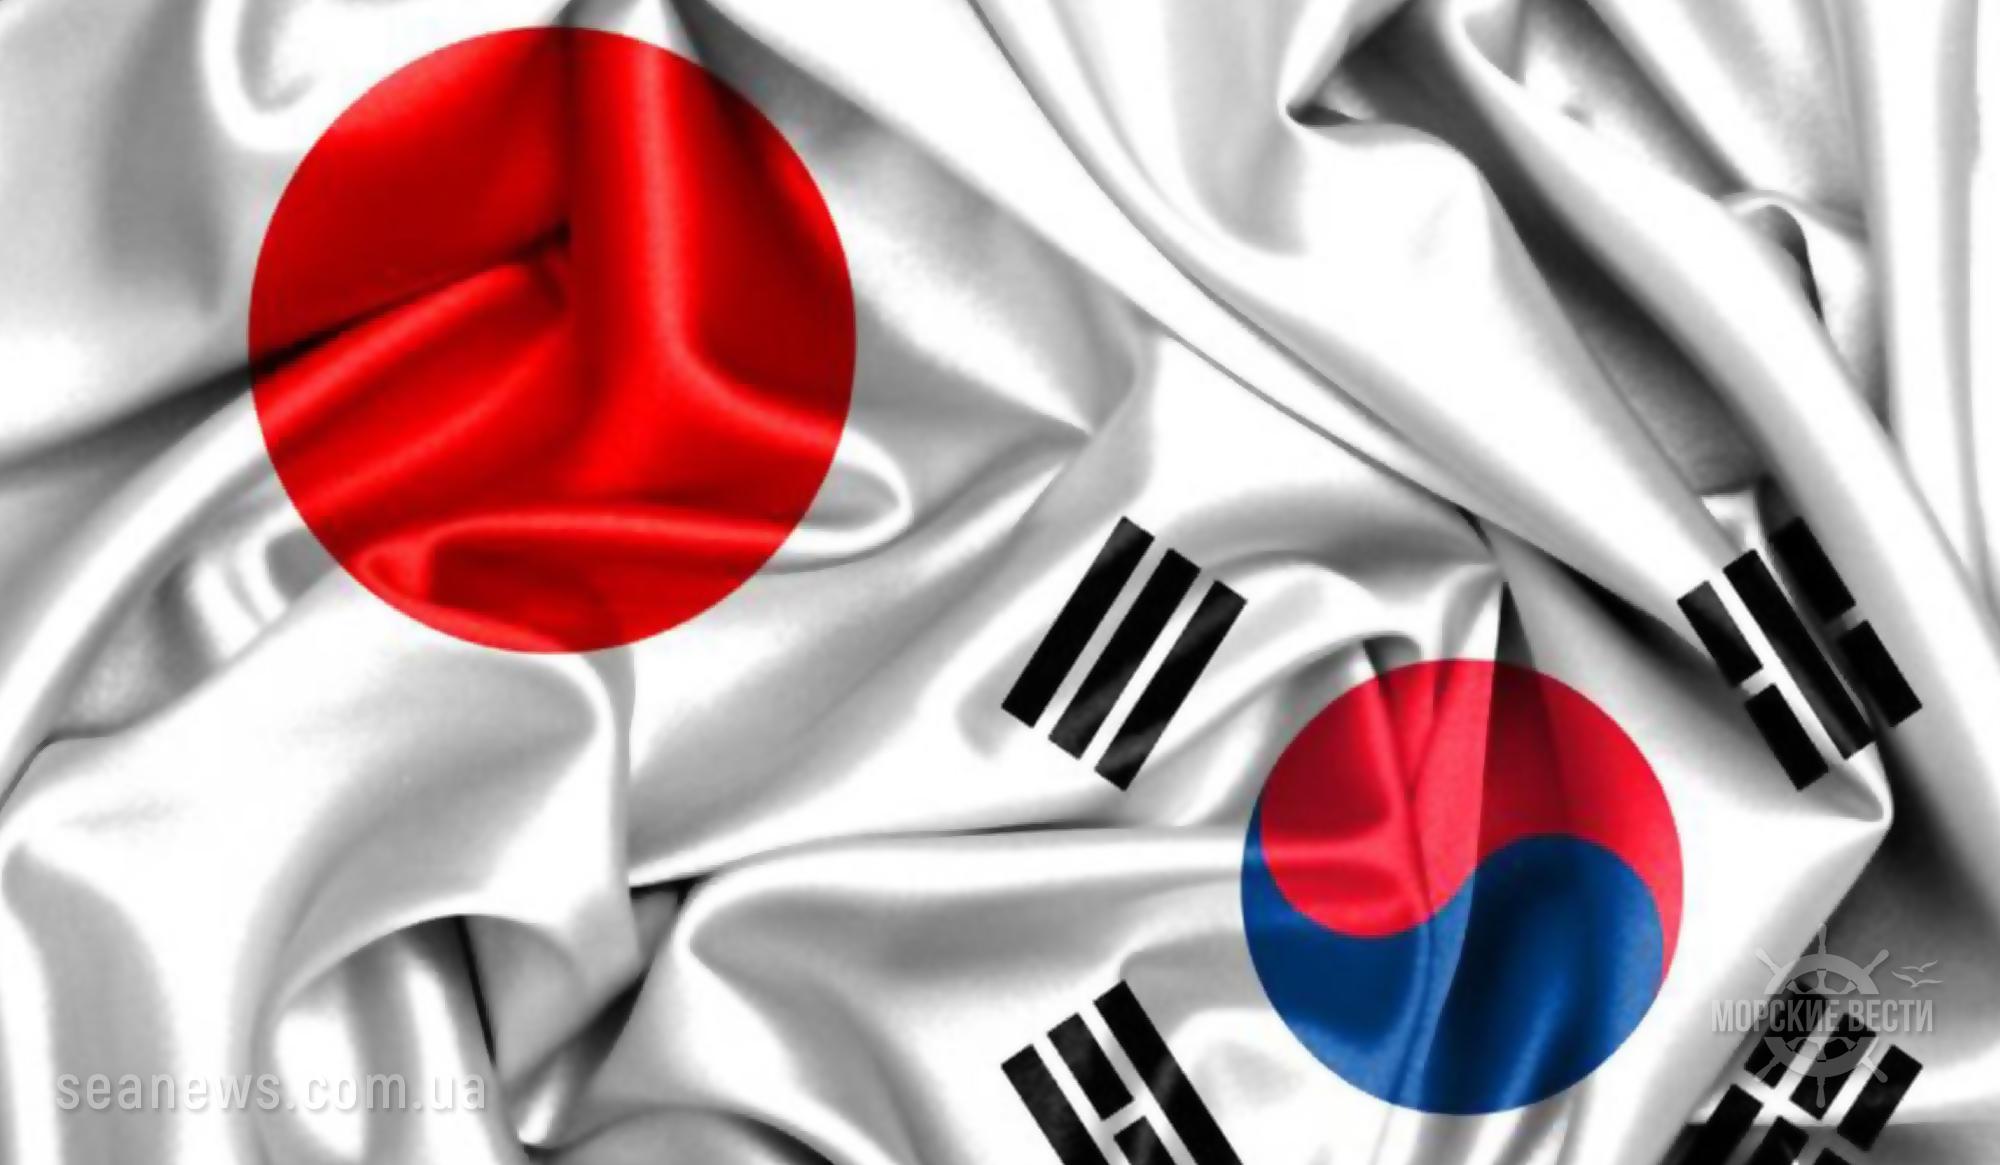 Южная Корея отменила совместные с Японией морские учения служб безопасности